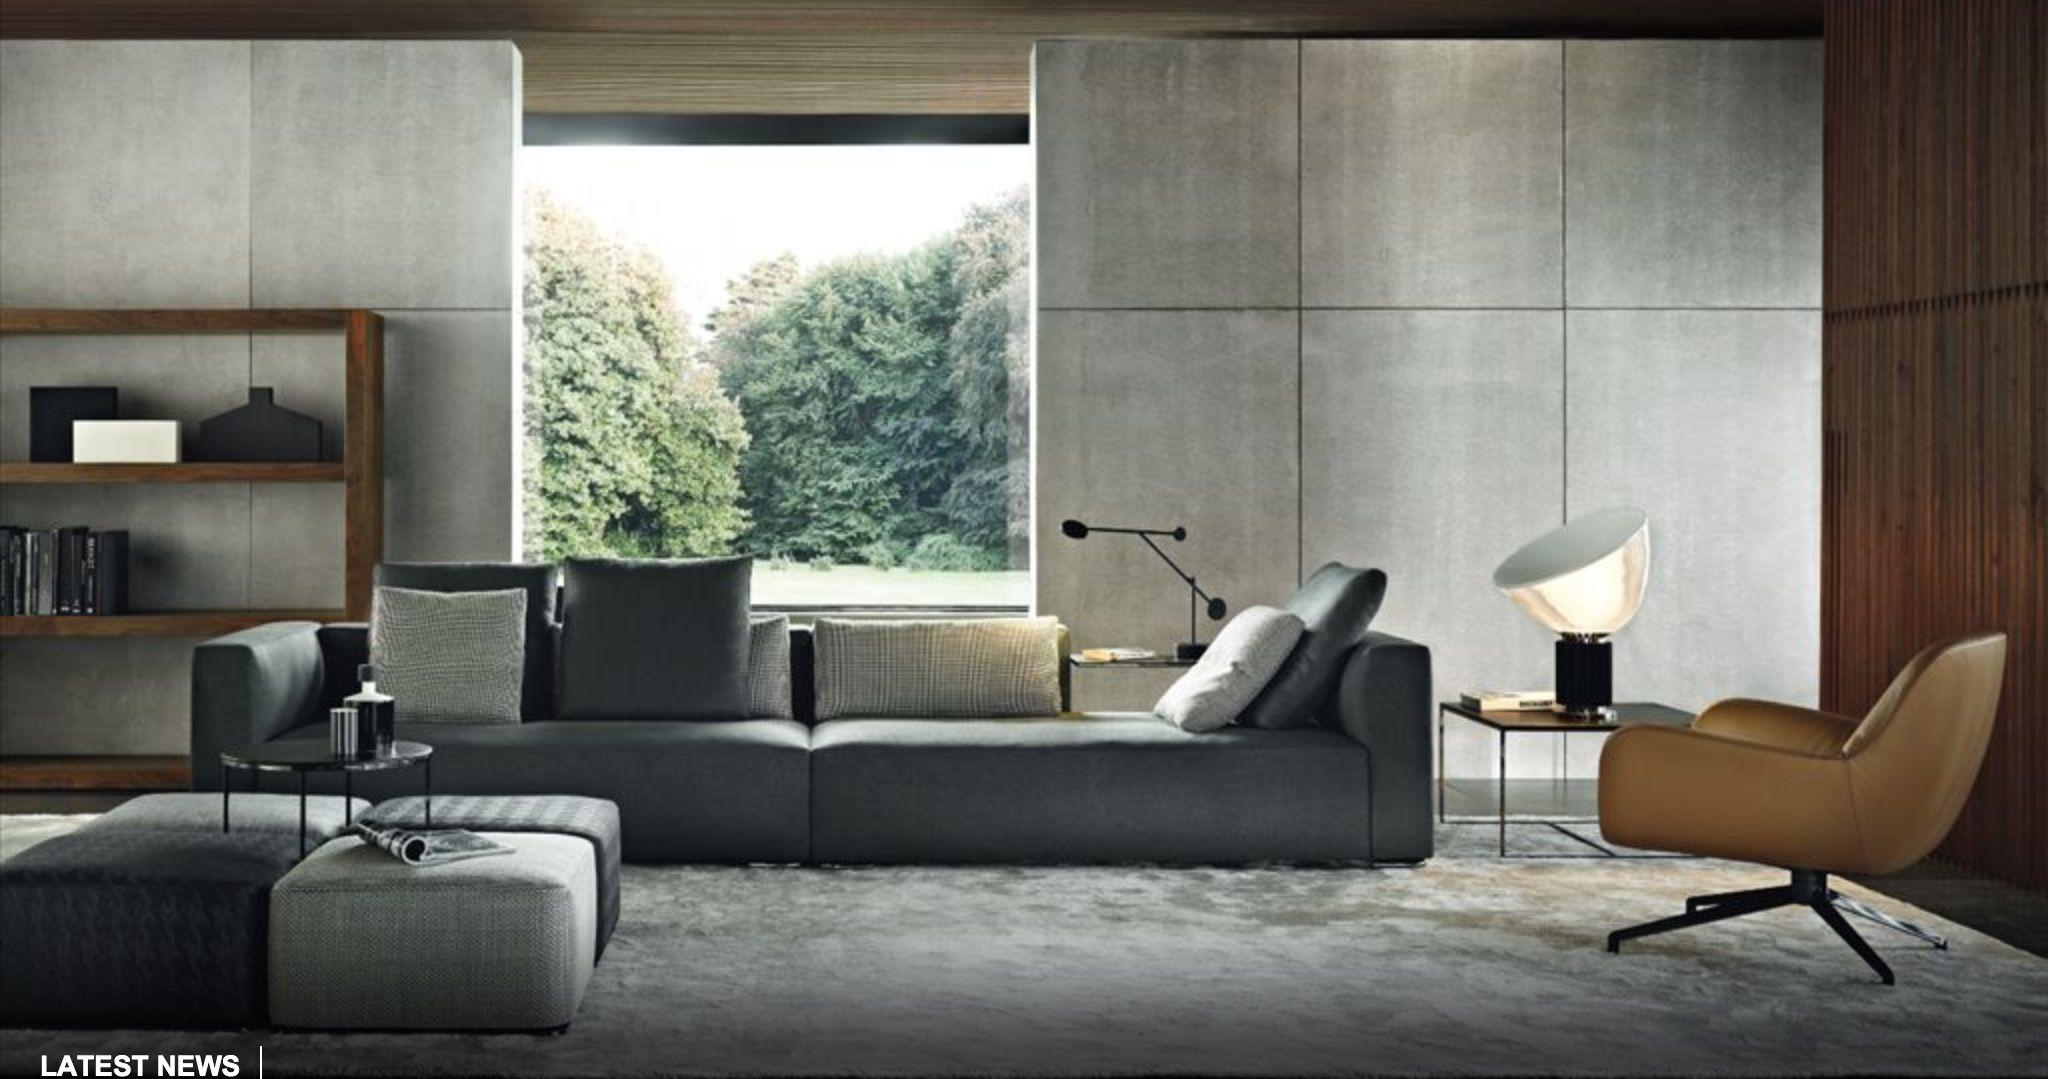 Room Loft Contemporary SofaContemporary Living